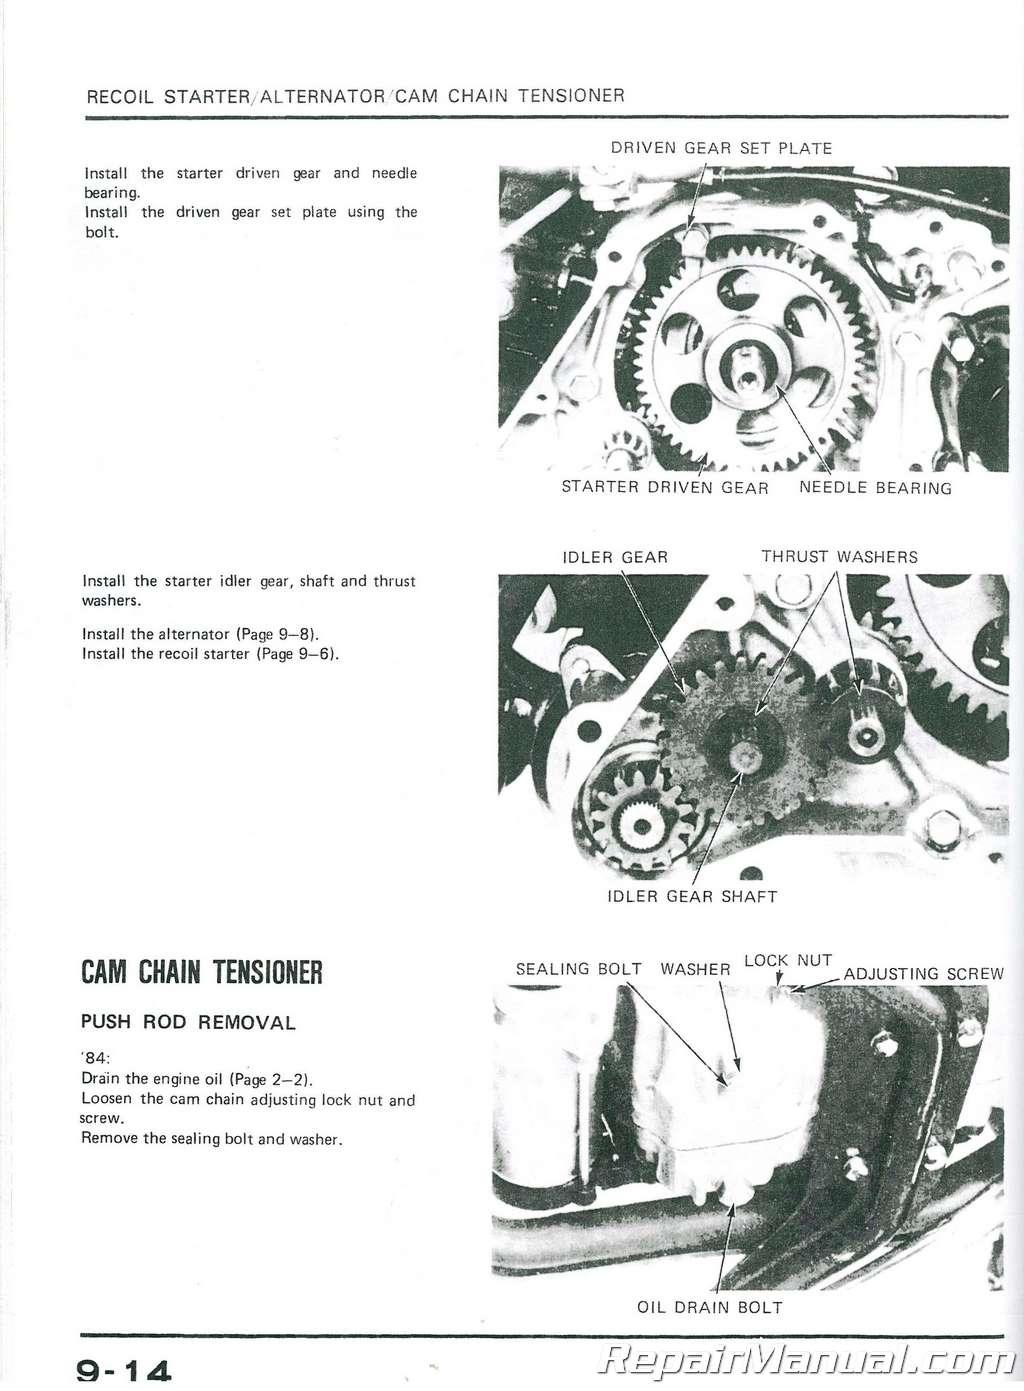 1985 atc 125 wiring diagram